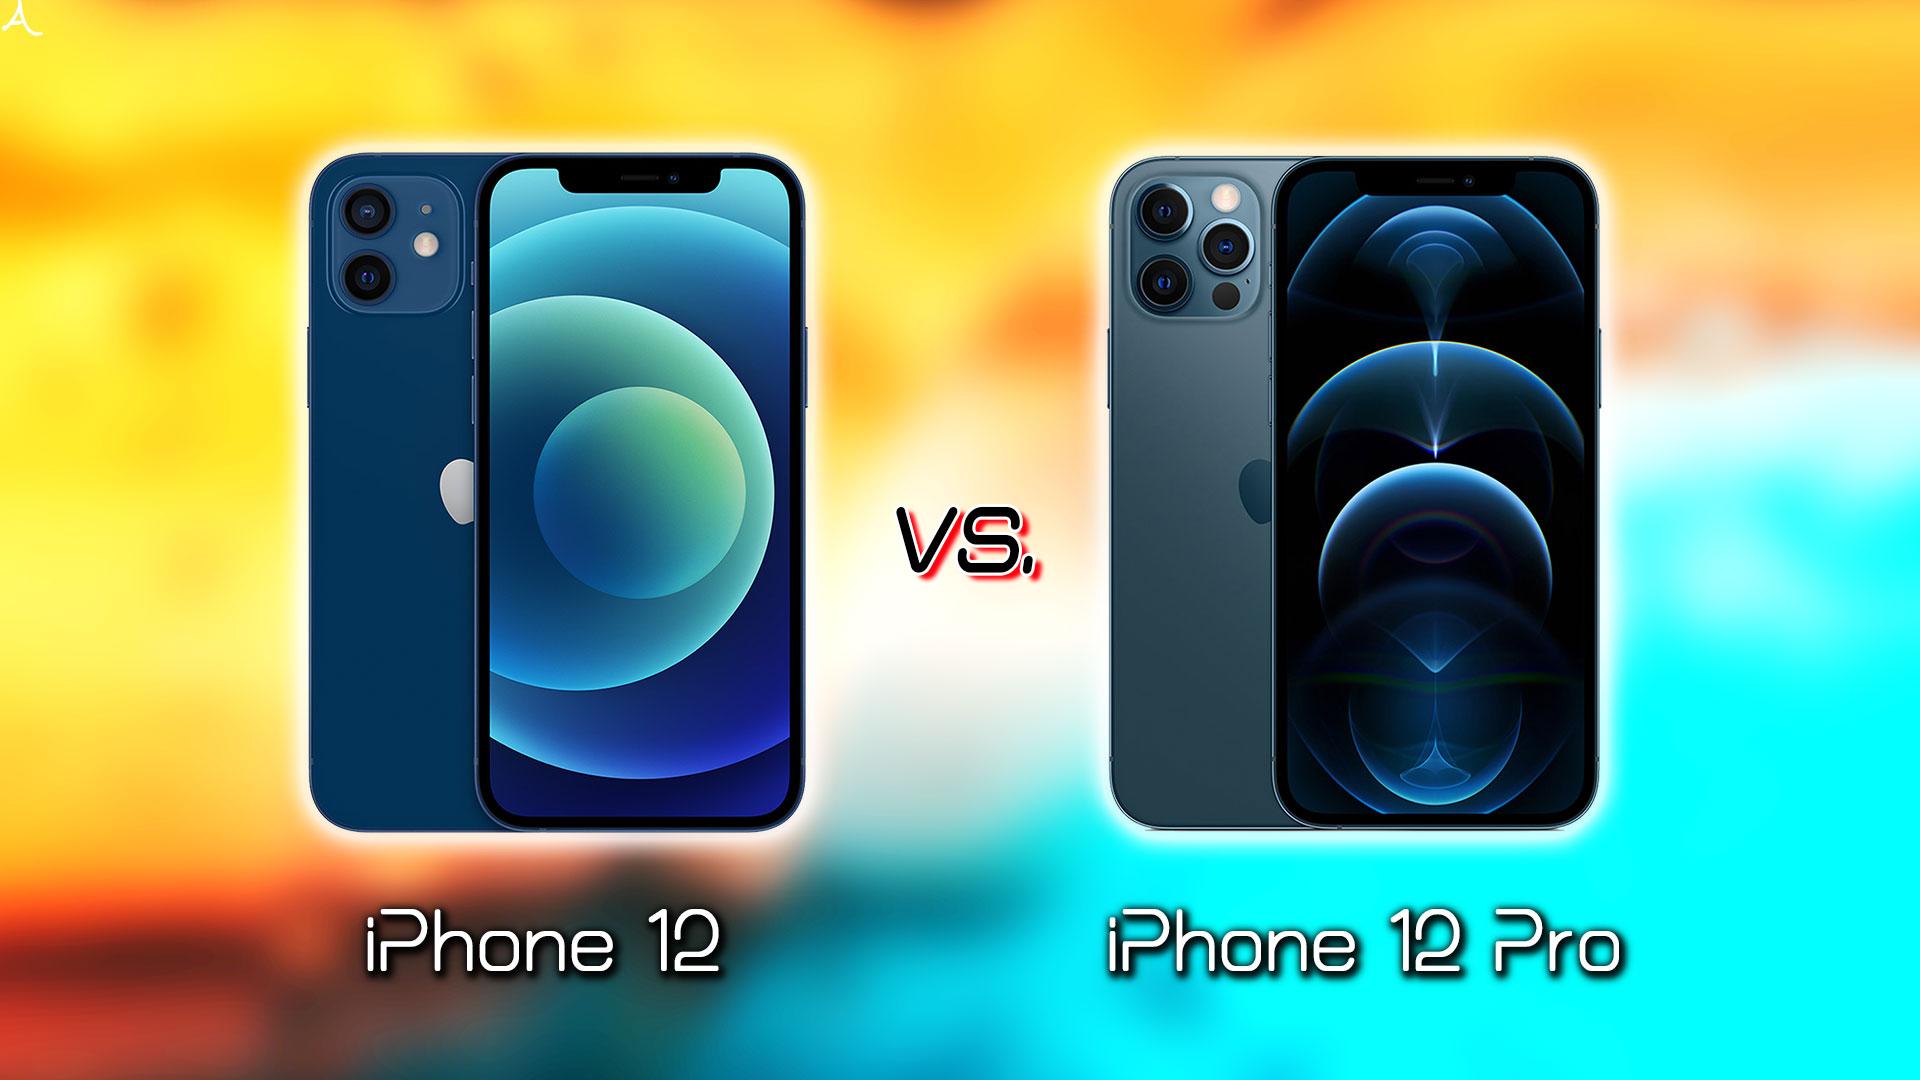 「iPhone 12」と「iPhone 12 Pro」の違いを比較:どっちを買う?